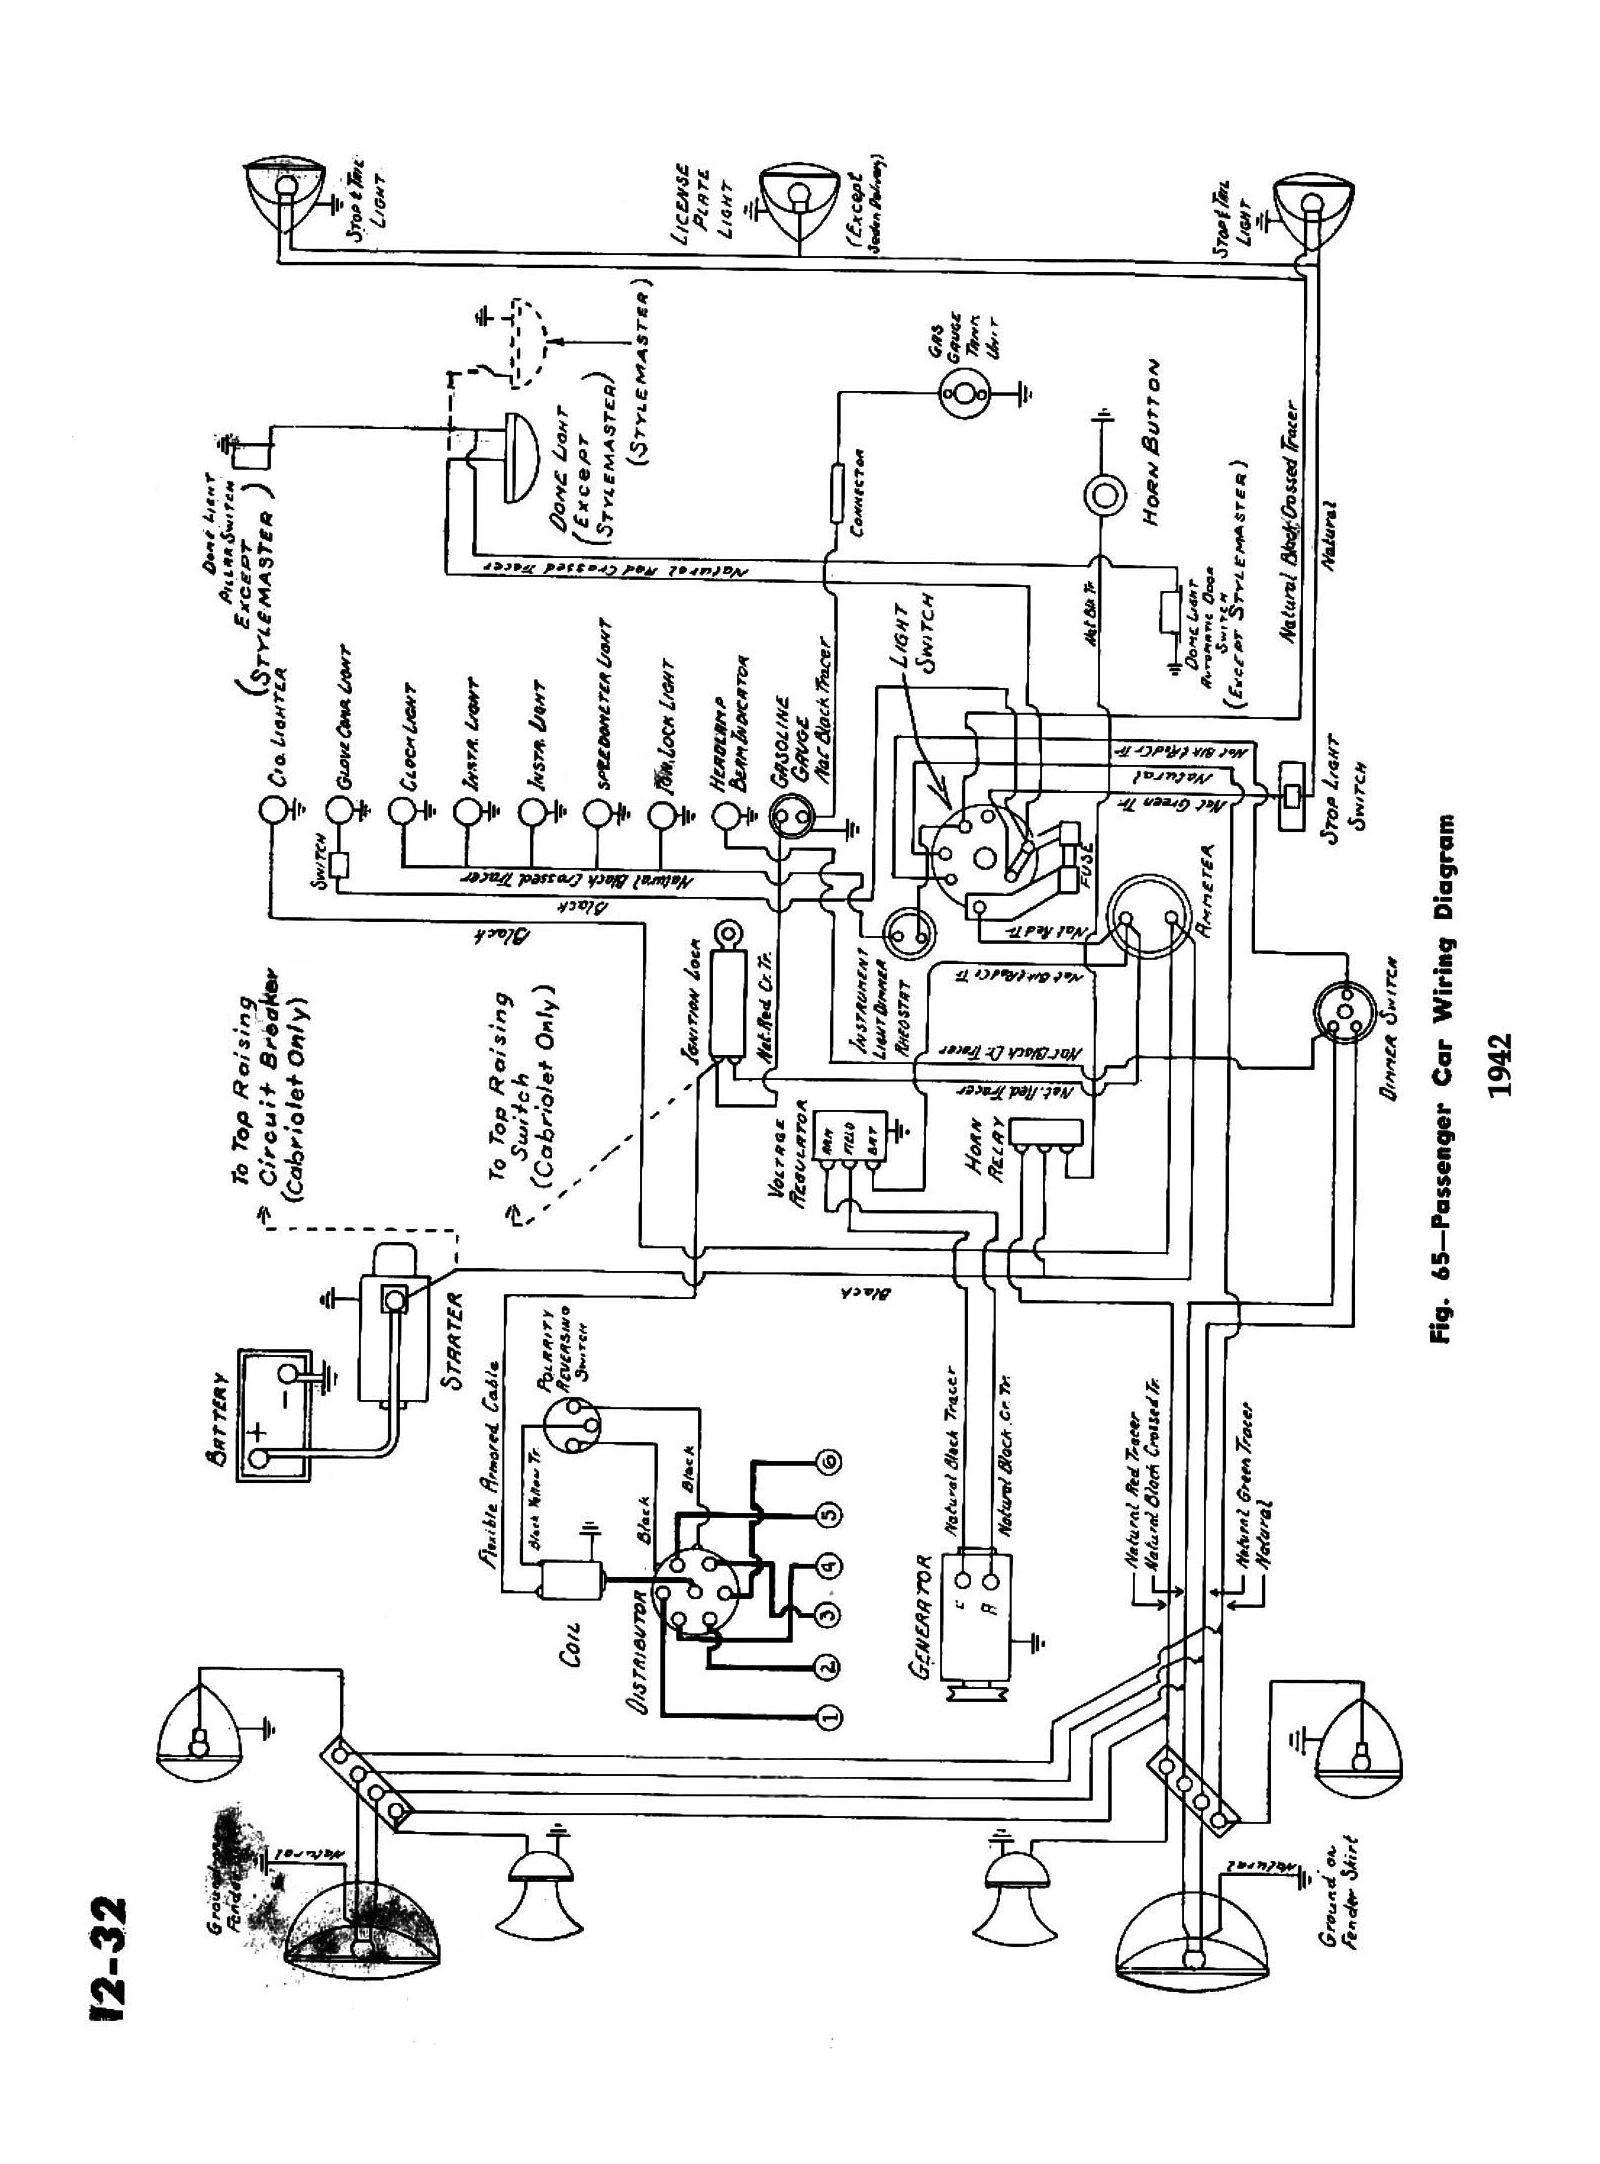 Mins Starter Wiring Diagram Detailed Schematics Peterbilt 379 36 Images Parts 42csm1232aresize